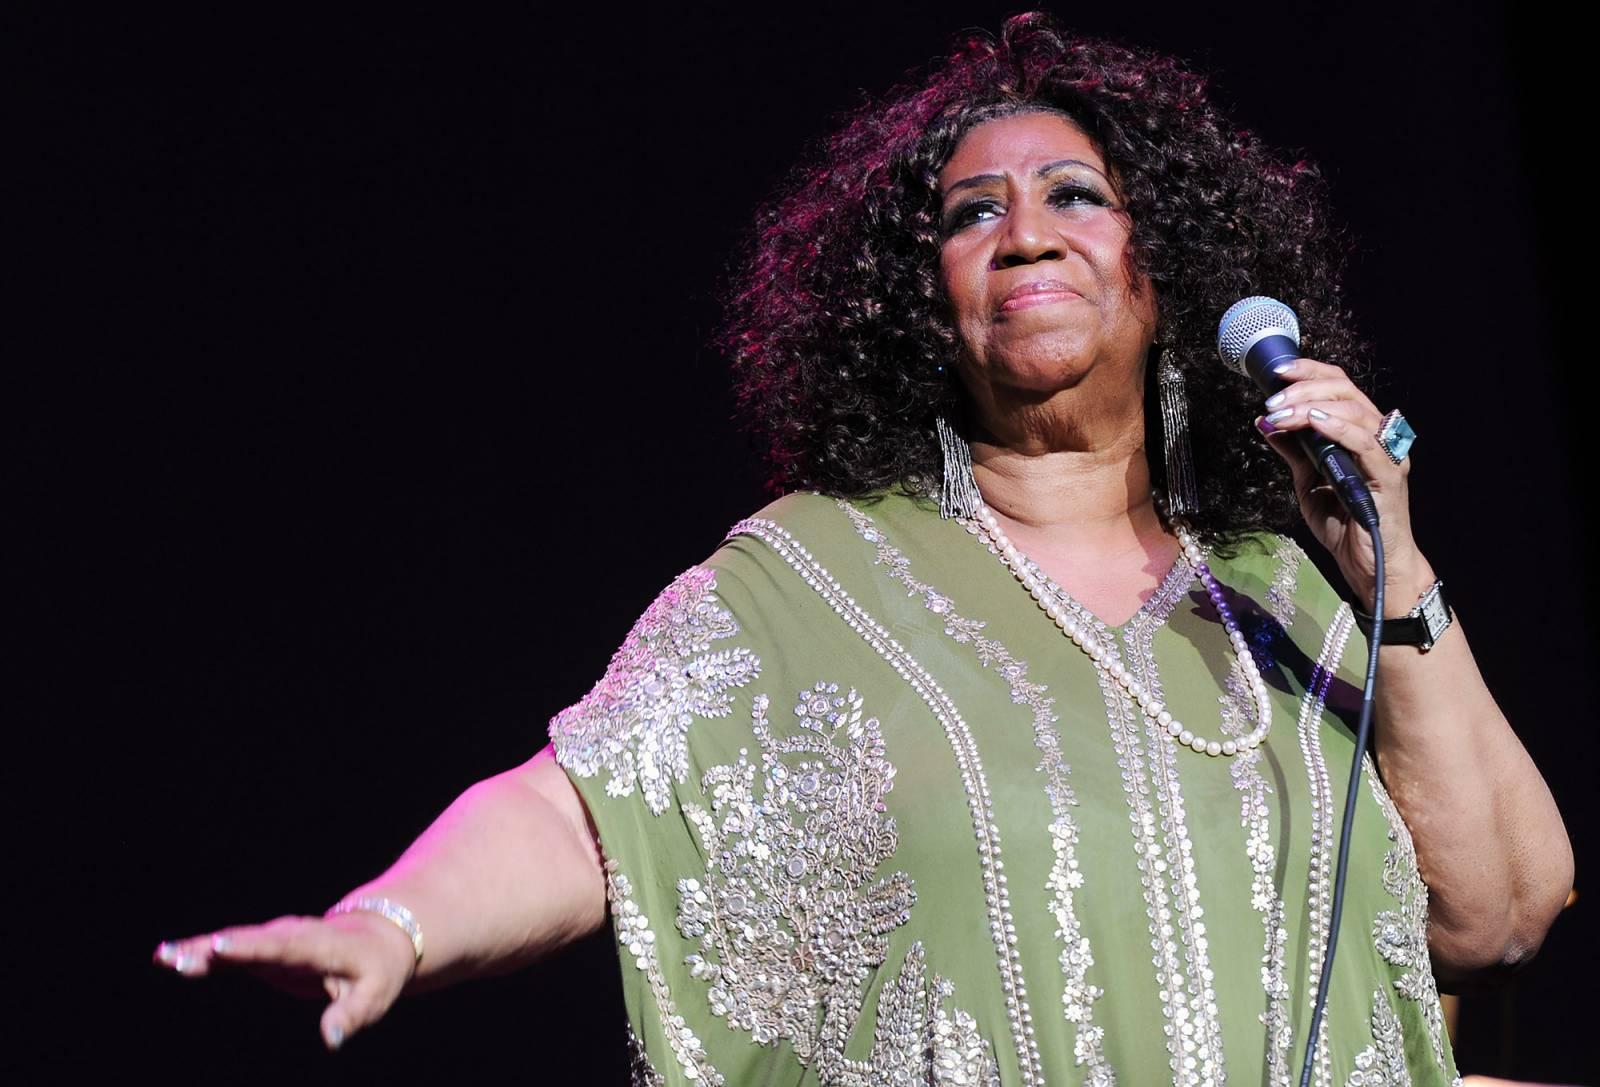 Zemřela královna soulu Aretha Franklin. Ve věku 76 let podlehla rakovině